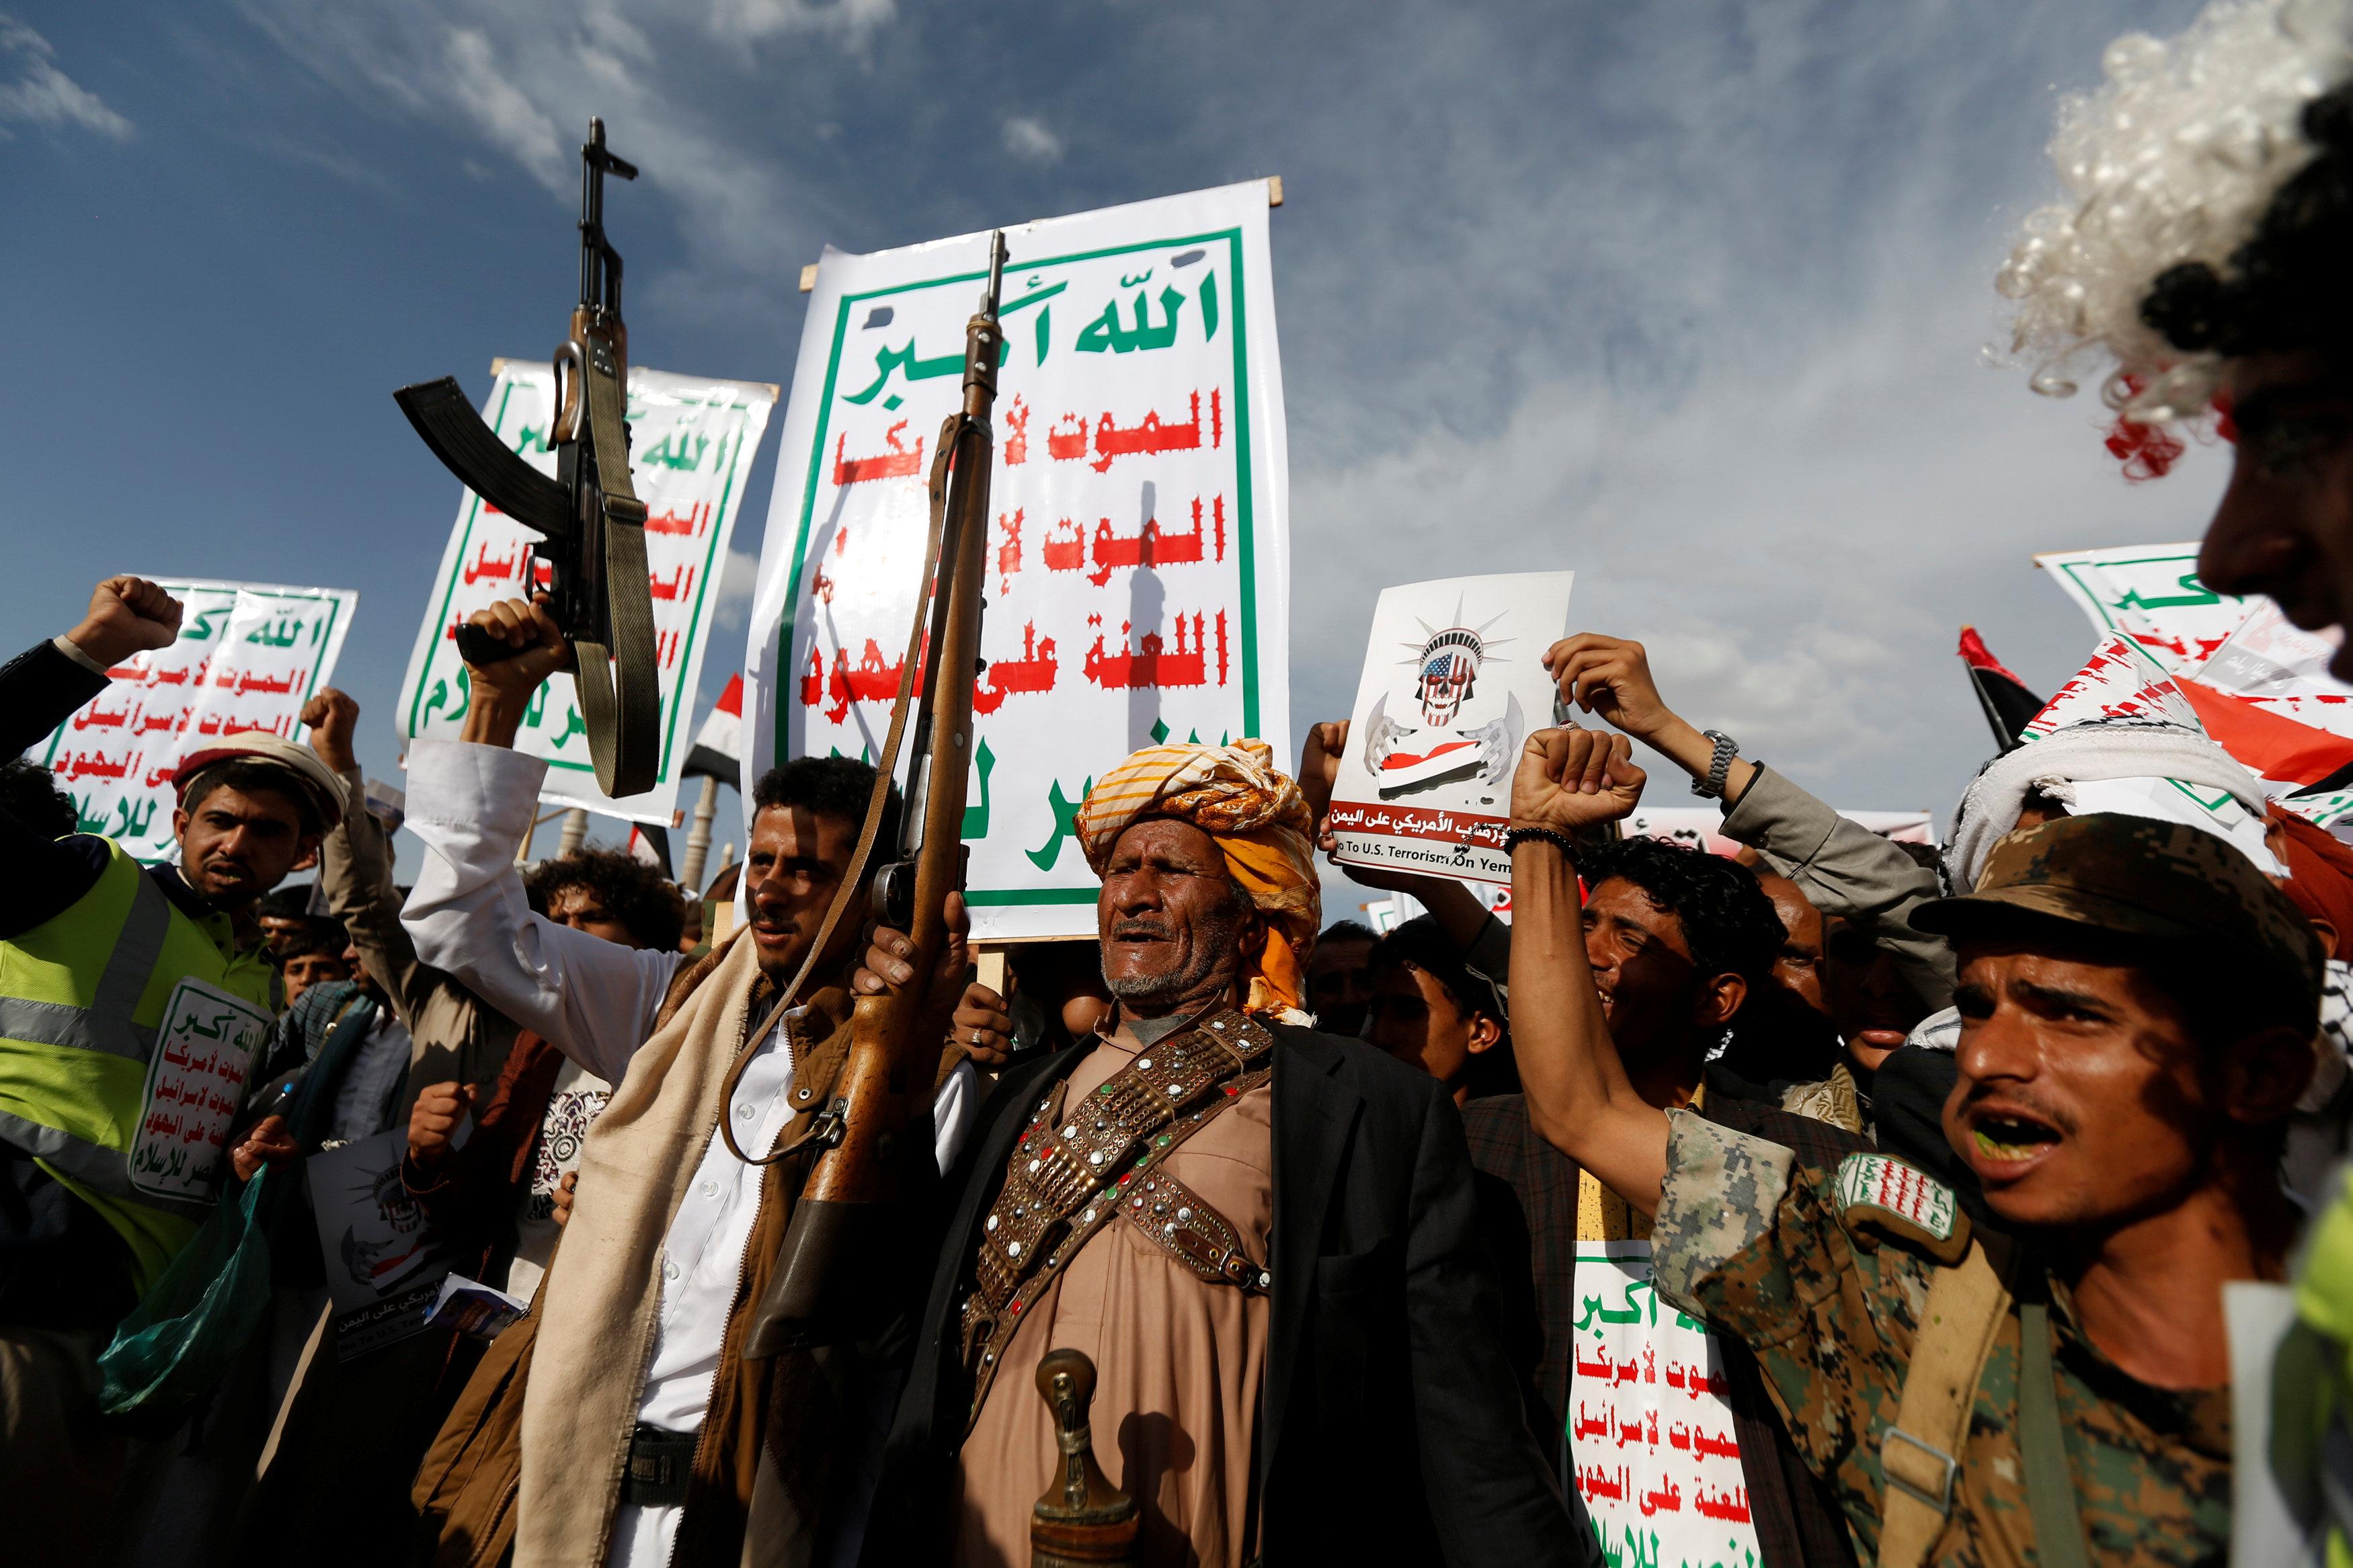 شعارات الحوثيين المعادية لأمريكا